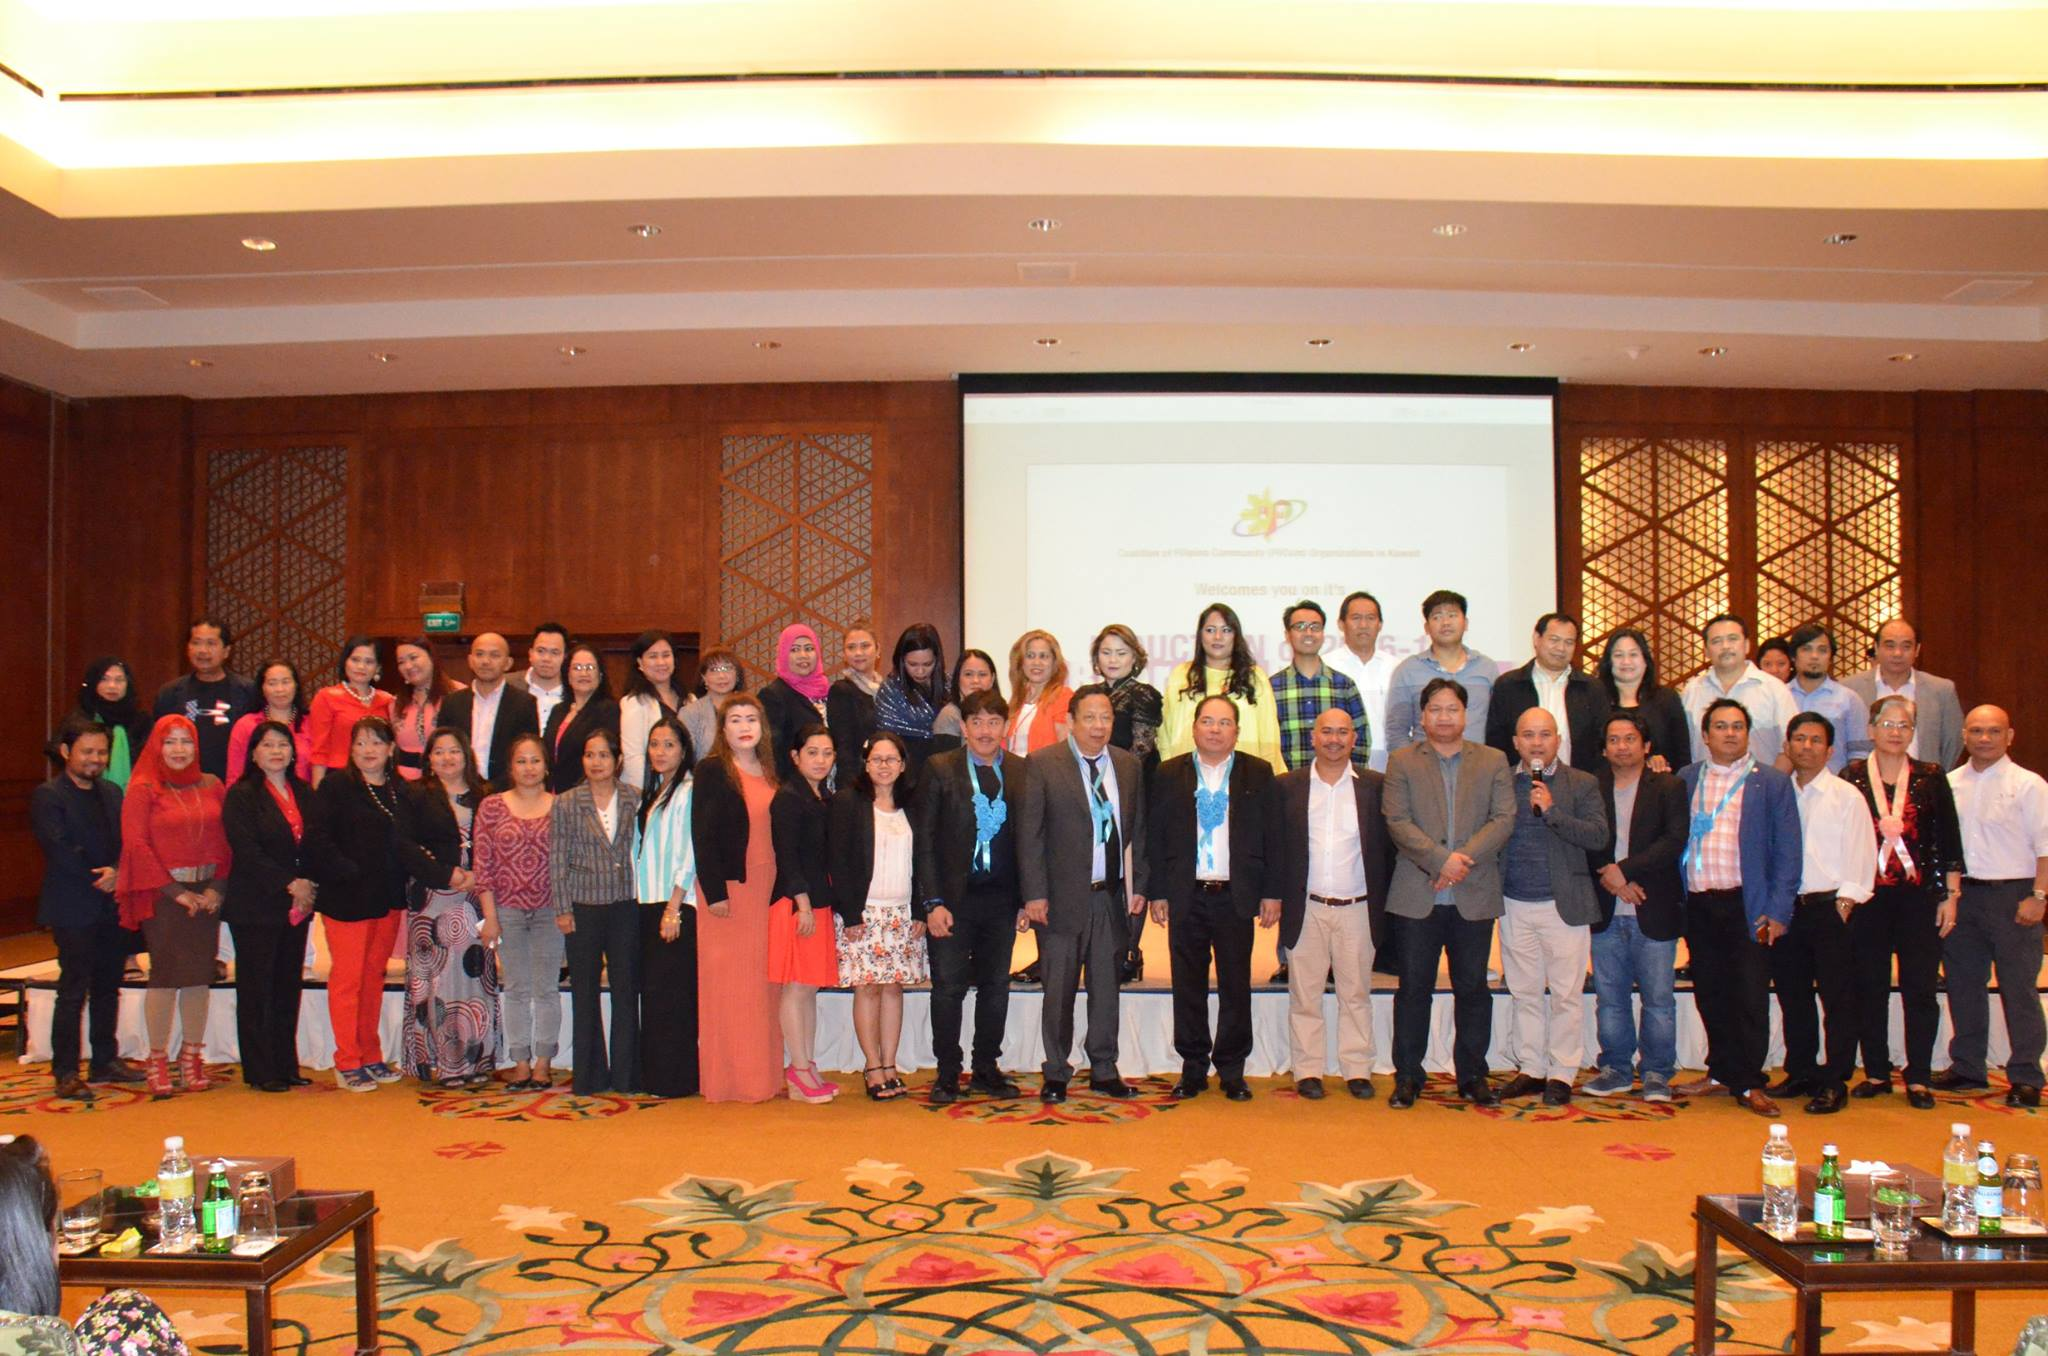 Board of Directors 2016 - 2017 Filipino Community